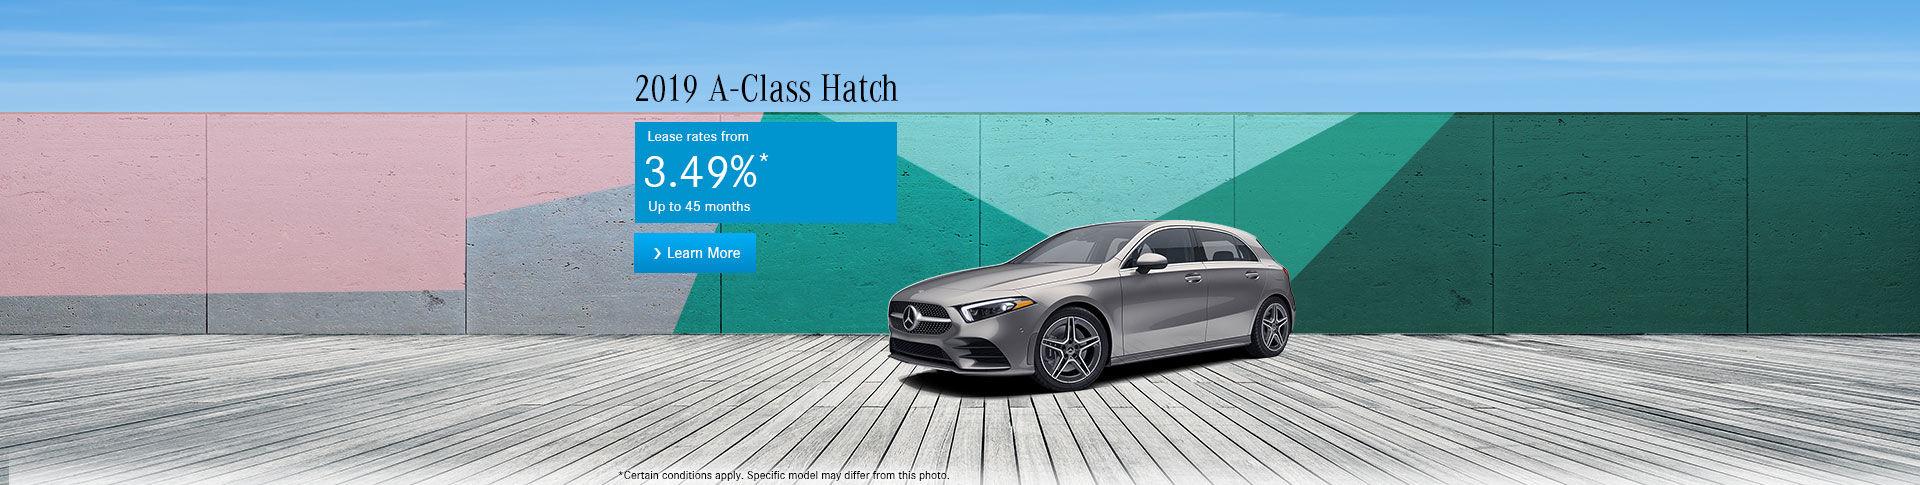 A-Class hatchback